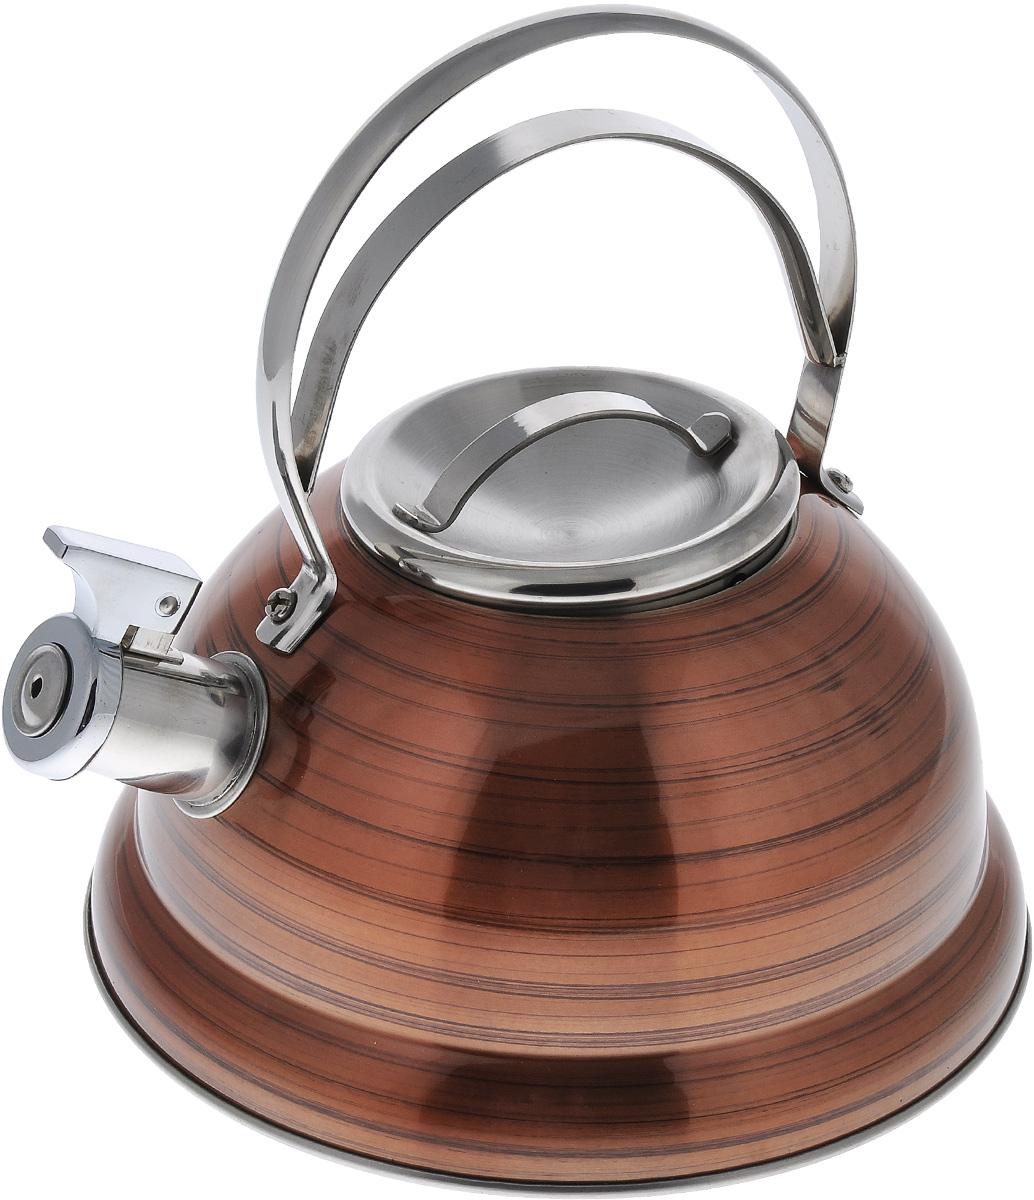 Чайник Bekker De Luxe, со свистком, цвет: оранжевый, 2,5 лBK-S428_оранжевыйЧайник Bekker De Luxe изготовлен из высококачественной нержавеющей стали с цветным зеркальным покрытием в полоску. Капсулированное дно распределяет тепло по всей поверхности, что позволяет чайнику быстро закипать. Крышка и эргономичная фиксированная ручка выполнены из нержавеющей стали. Носик оснащен откидным свистком, который подскажет, когда закипела вода. Подходит для всех типов плит, кроме индукционных. Можно мыть в посудомоечной машине. Диаметр чайника (по верхнему краю): 10 см. Диаметр основания: 22 см. Толщина стенки: 0,4 мм. Высота чайника (без учета ручки и крышки): 11,5 см. Высота чайника (с учетом ручки и крышки): 23,5 см.